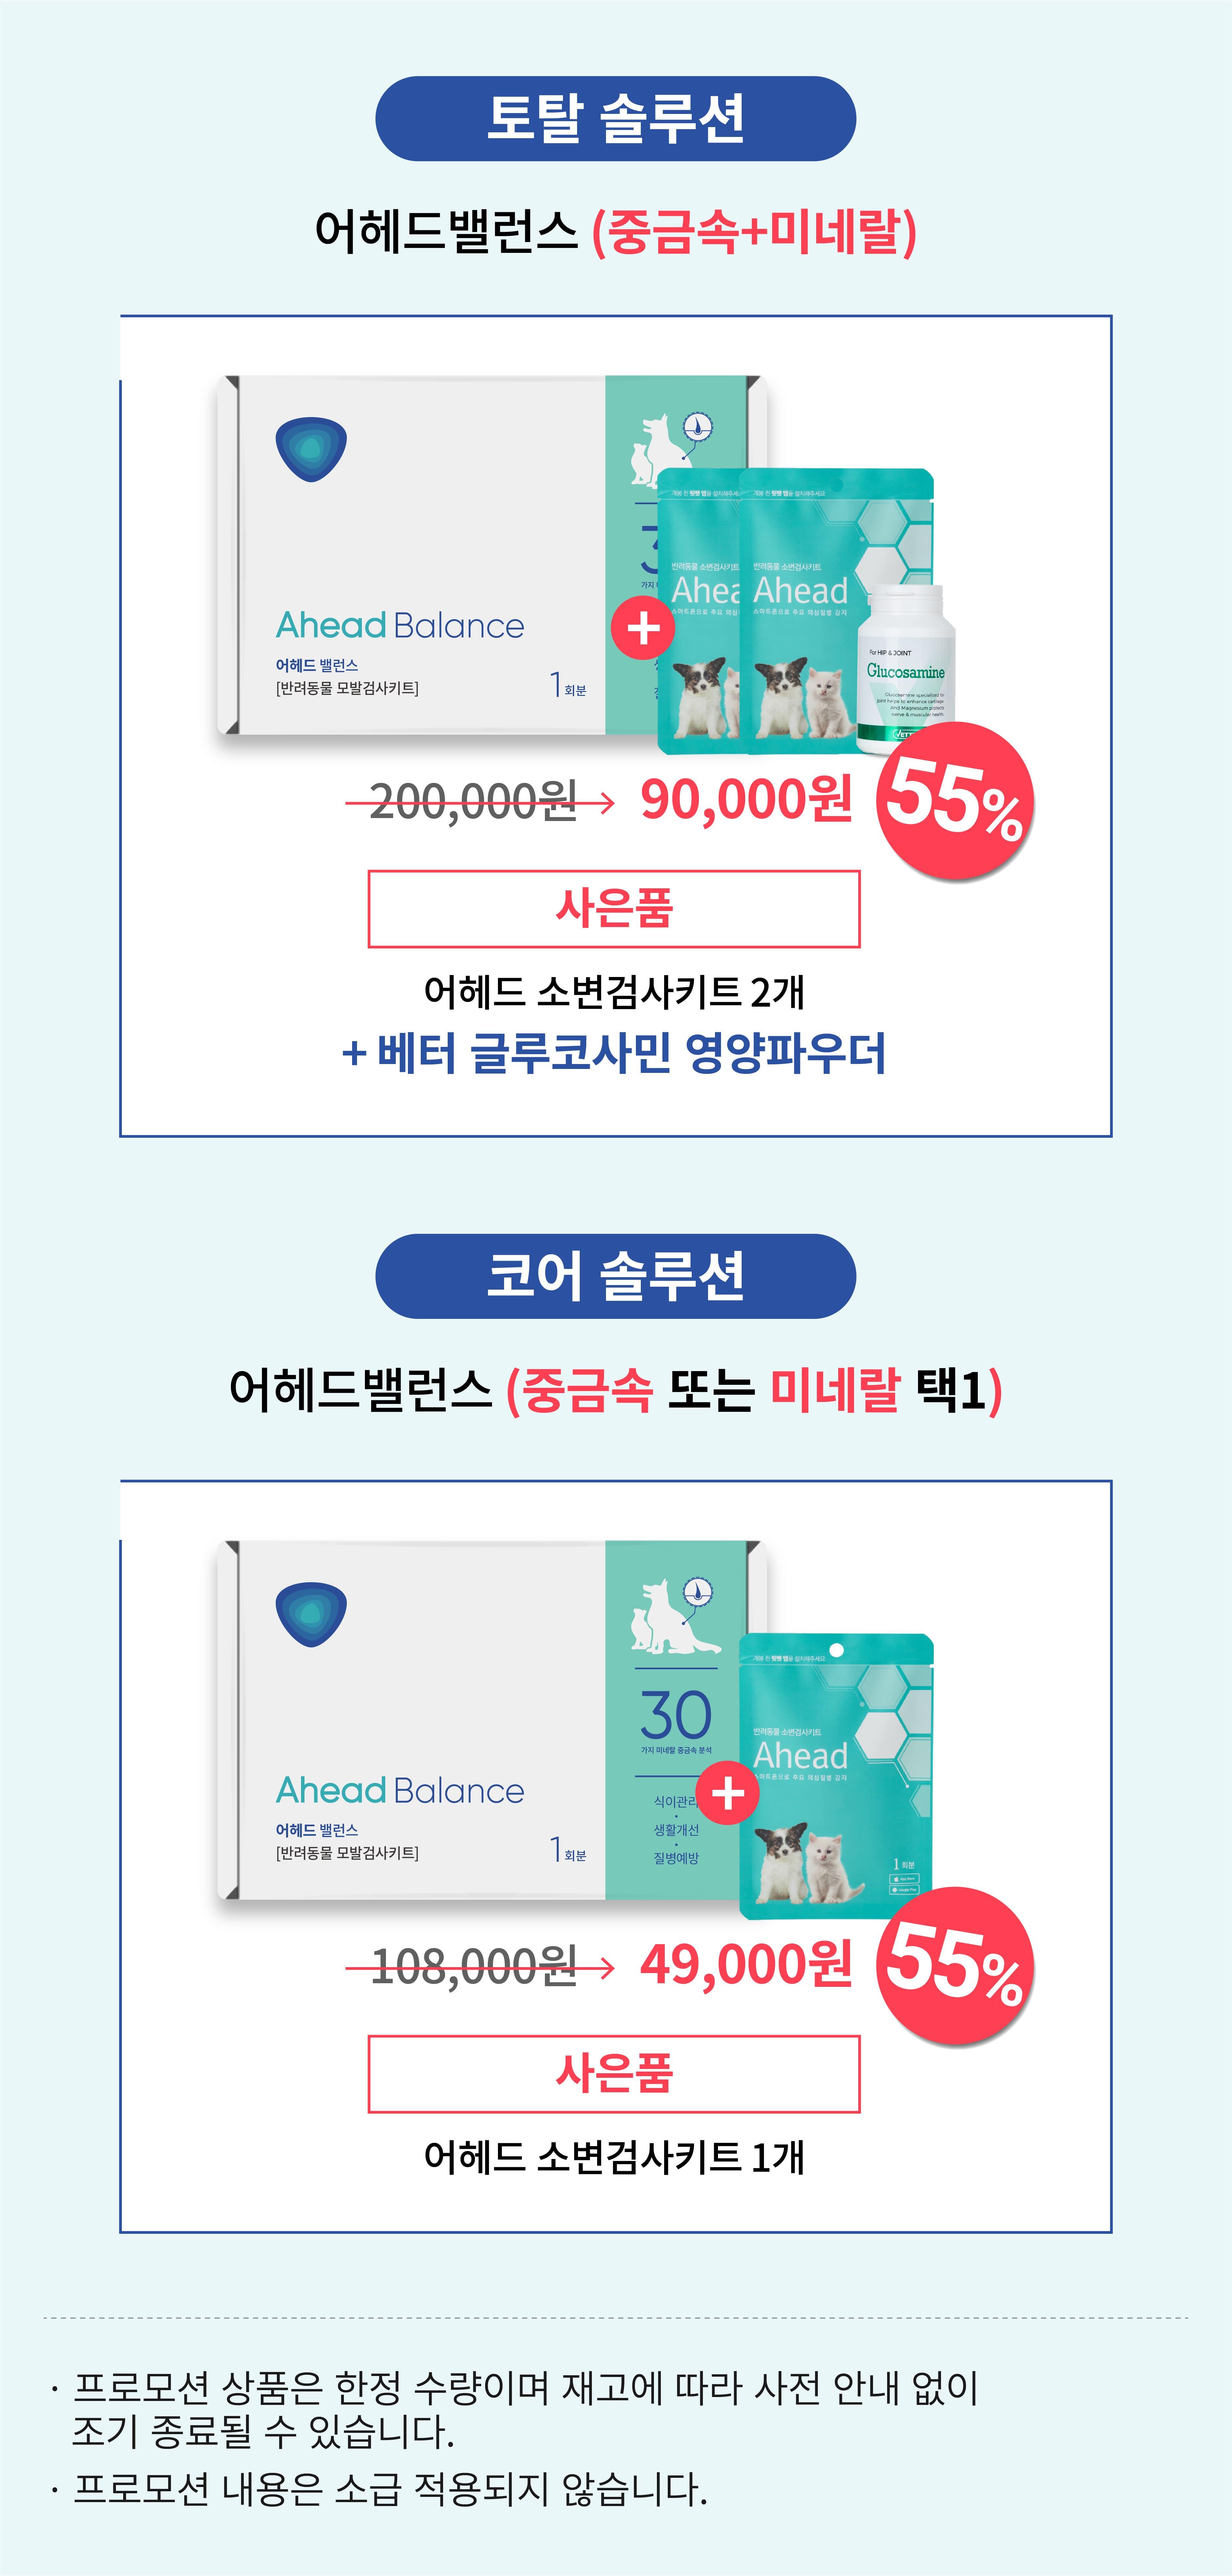 핏펫 어헤드 밸런스 - 모발검사키트-상품이미지-1